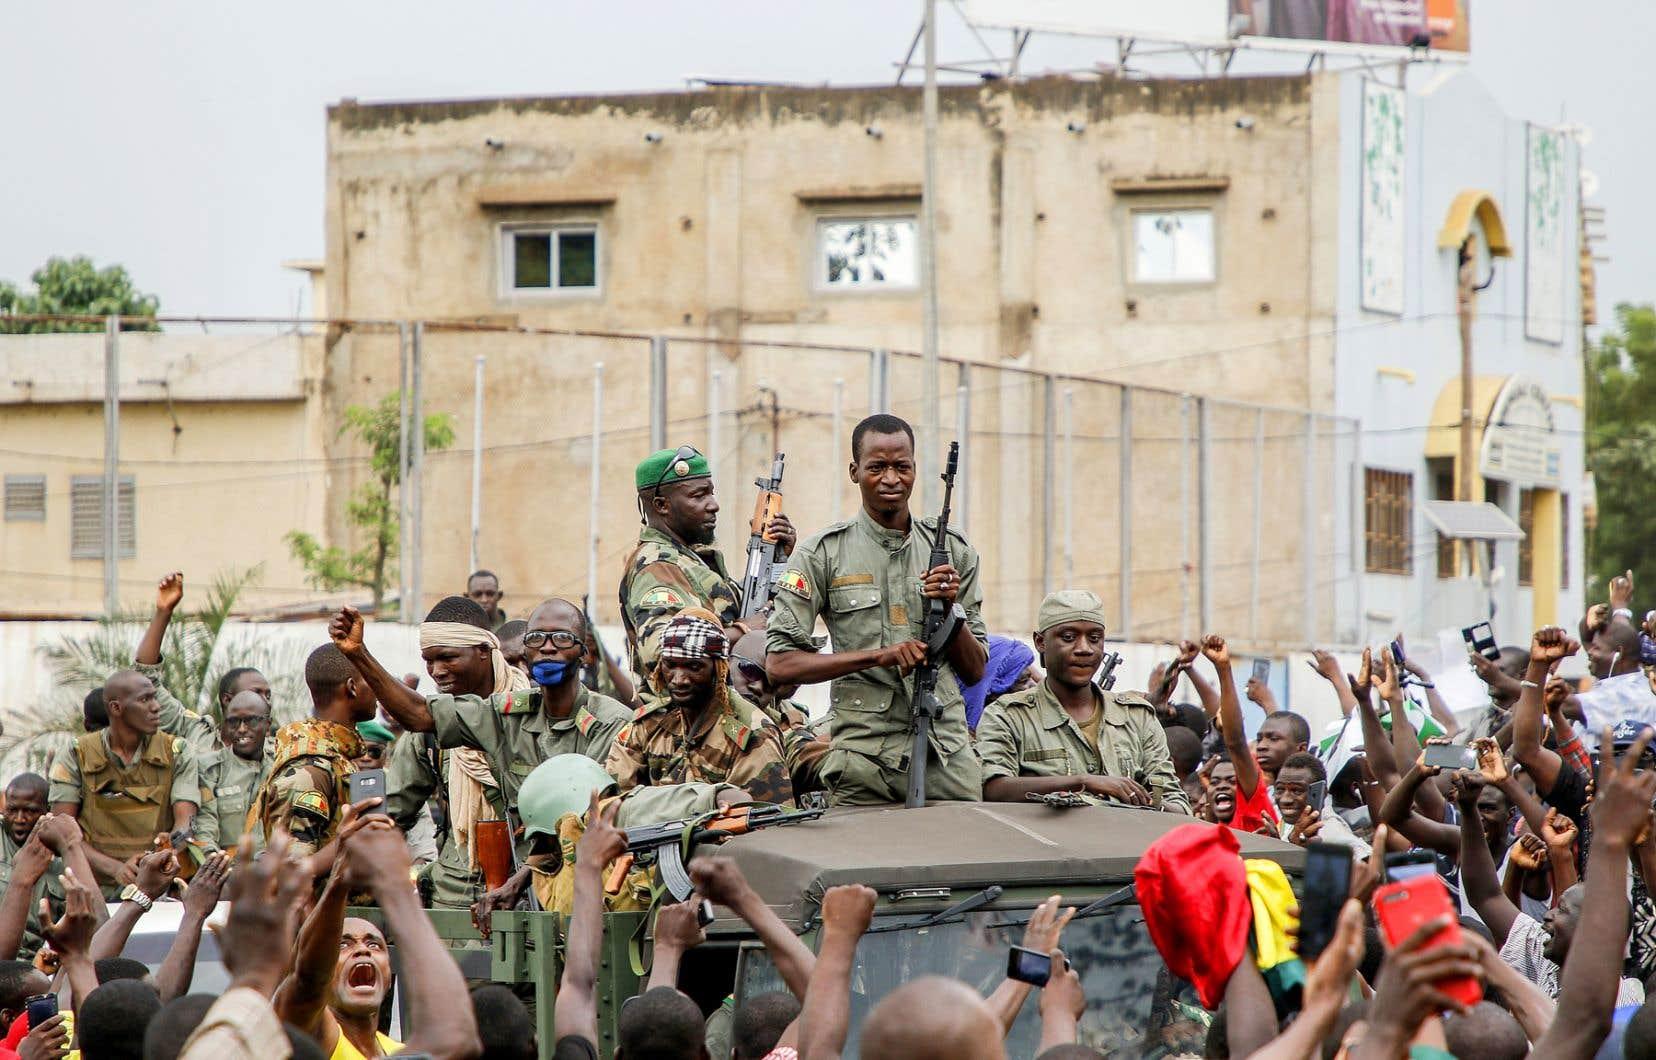 Le Mali est confronté à une crise sociopolitique qui préoccupe la communauté internationale. Sur la photo, des militaires rebelles ont été acclamés, mardi à Bamako, par des manifestants rassemblés pour réclamer le départ du chef de l'État, Ibrahim Boubacar Keïta